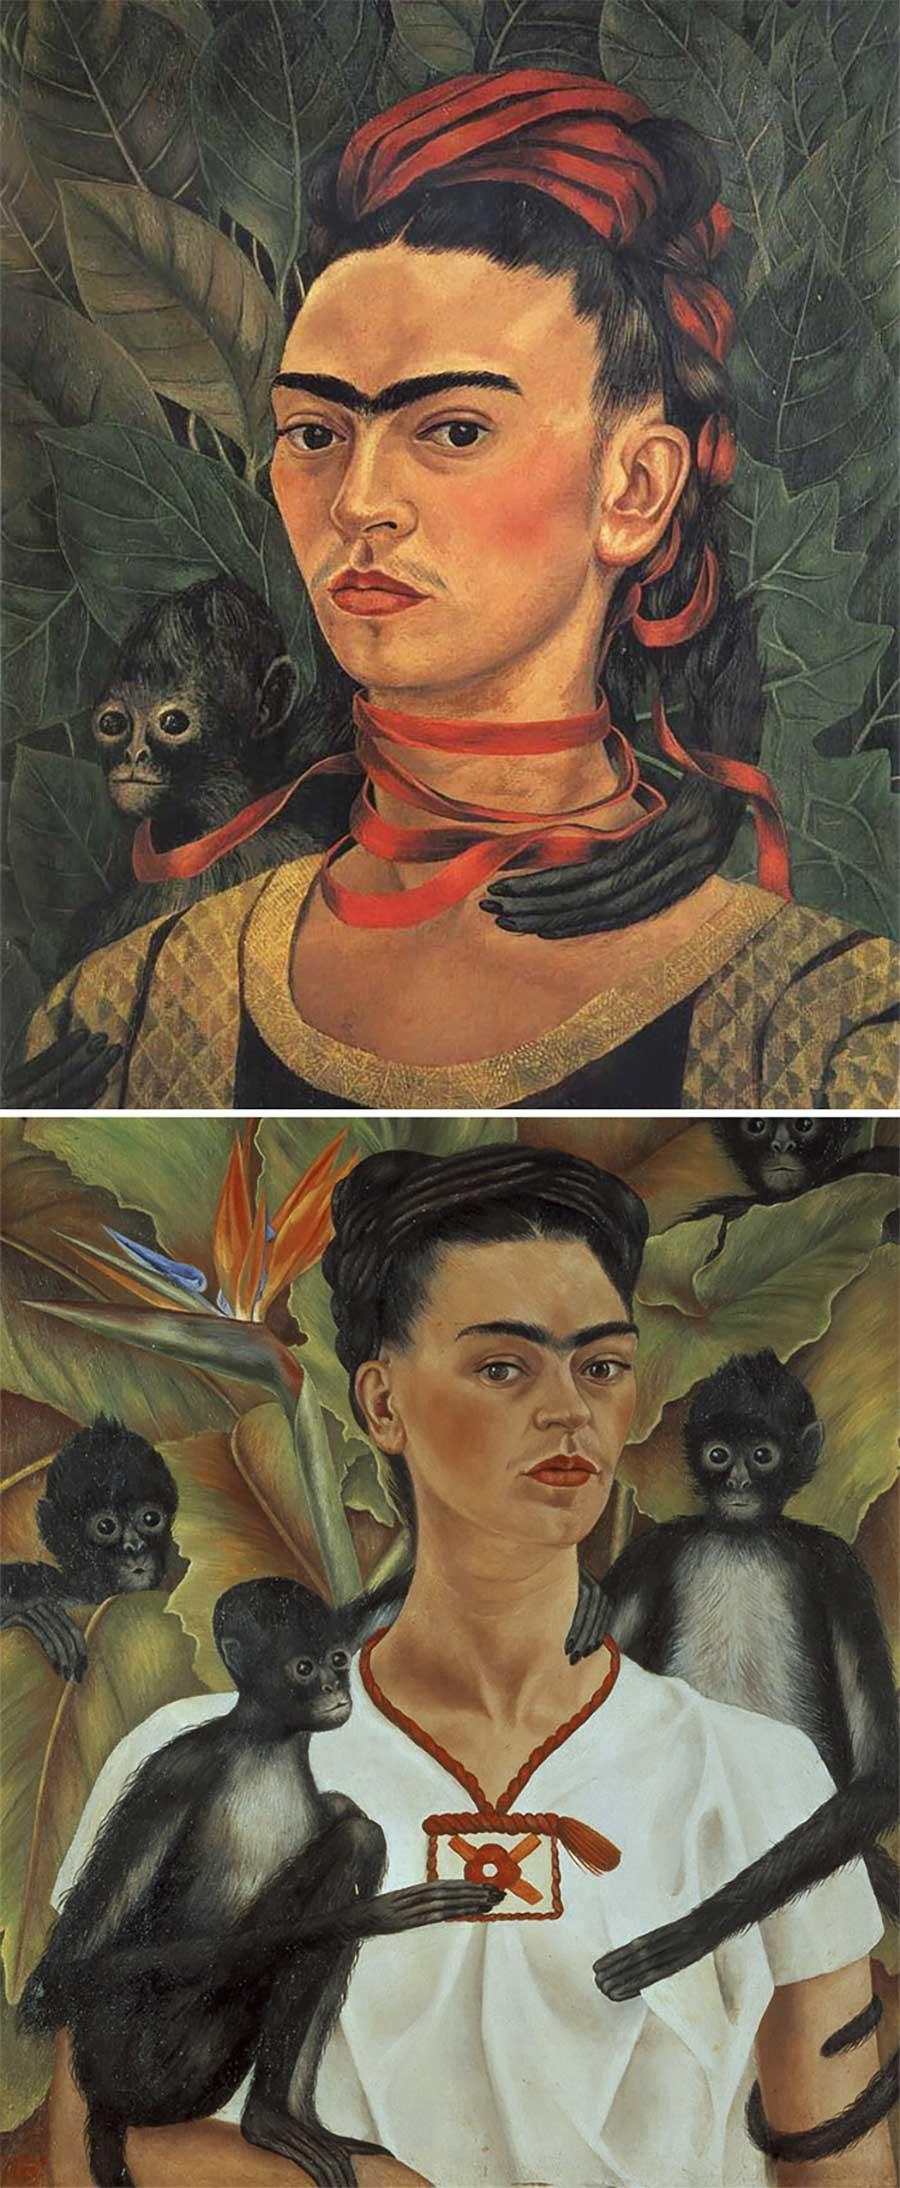 Ulkige Merkmale, woran man erkennen kann, welcher Künstler ein Gemälde gemalt hat gemaelde-malern-zuordnen-fun_17